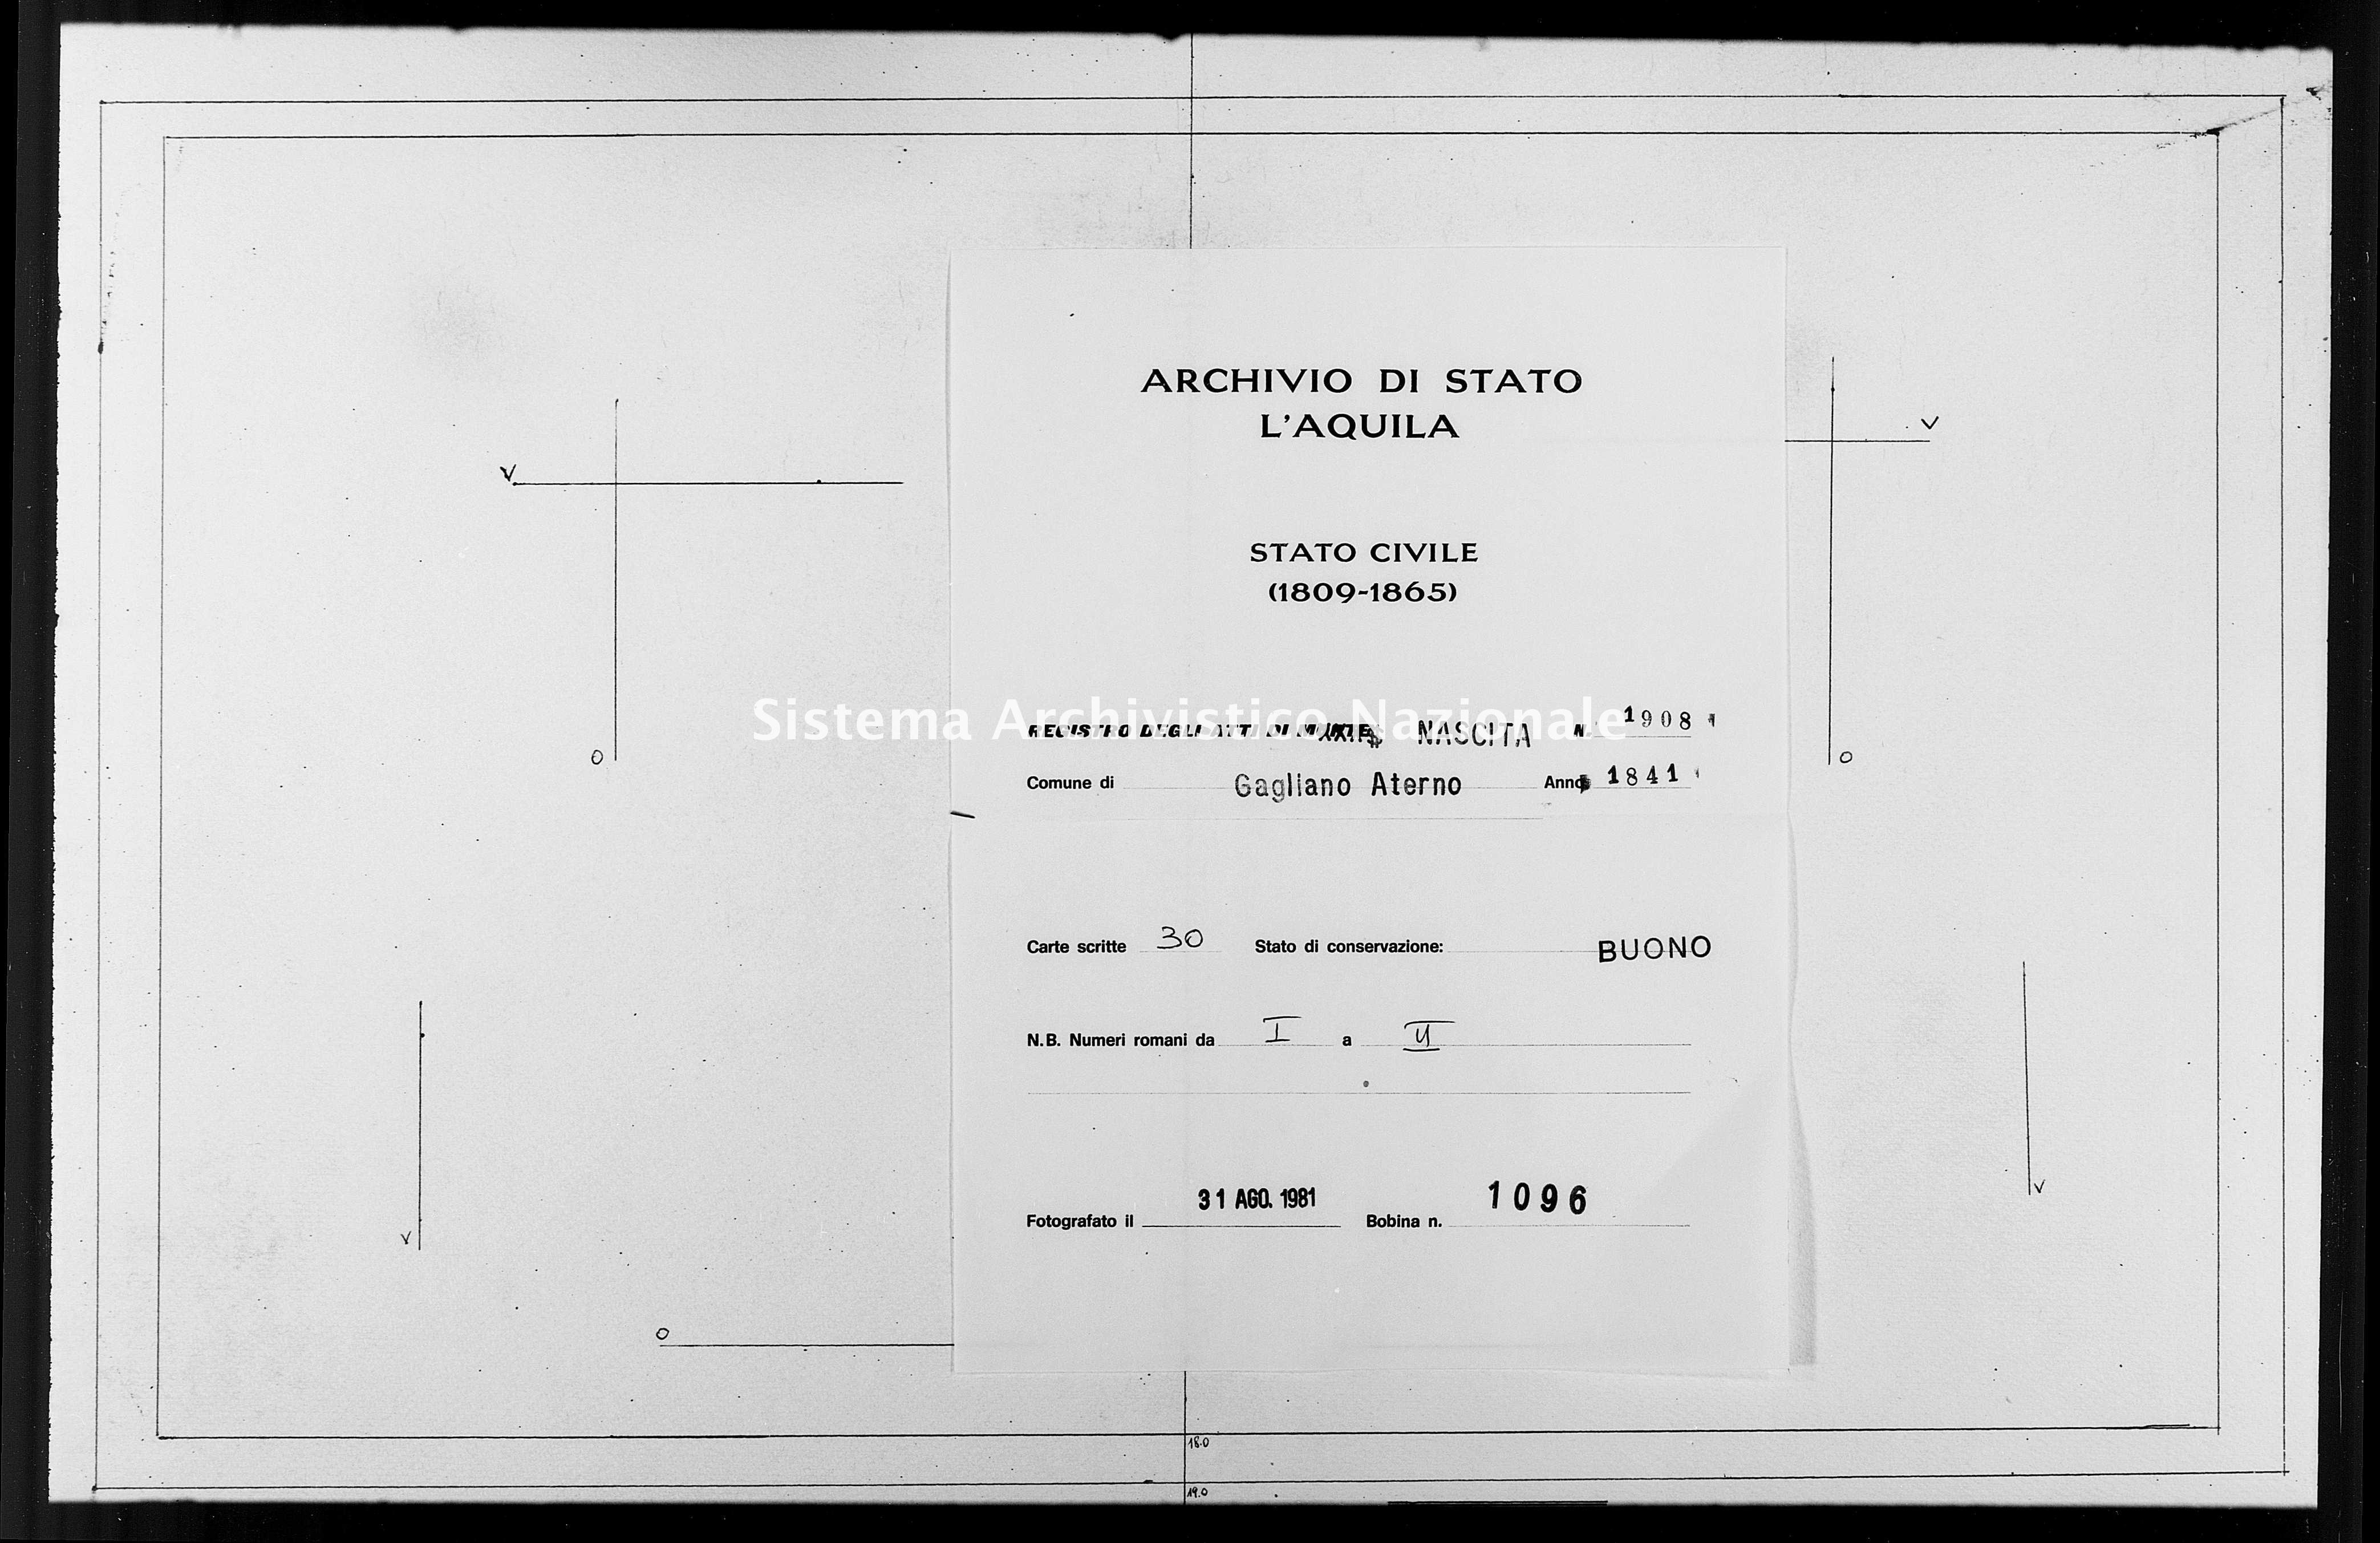 Archivio di stato di L'aquila - Stato civile della restaurazione - Gagliano Aterno - Nati - 1841 - 1908 -